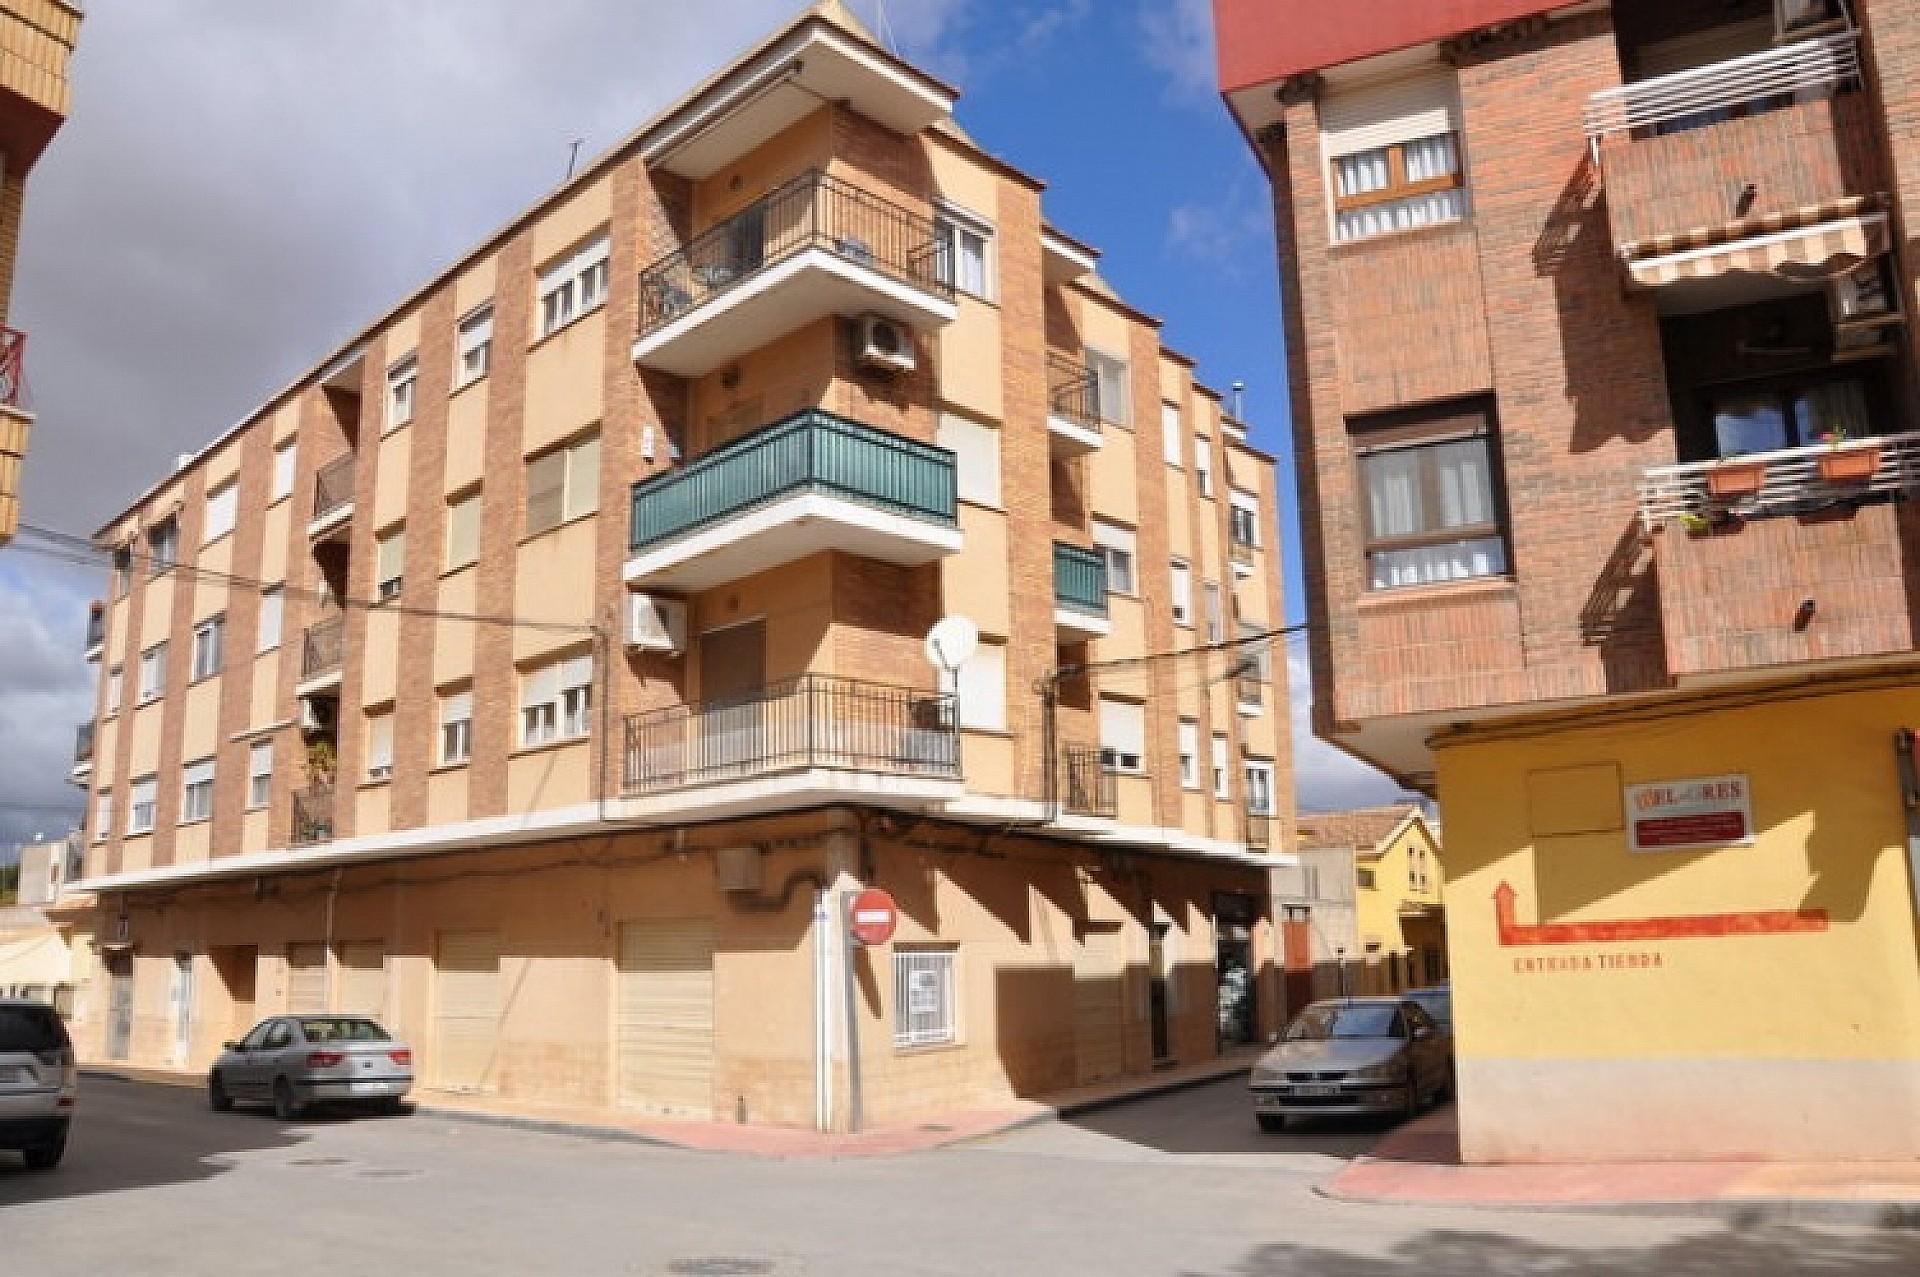 4 bedroom apartment / flat for sale in Pinoso / El Pinós, Costa Blanca